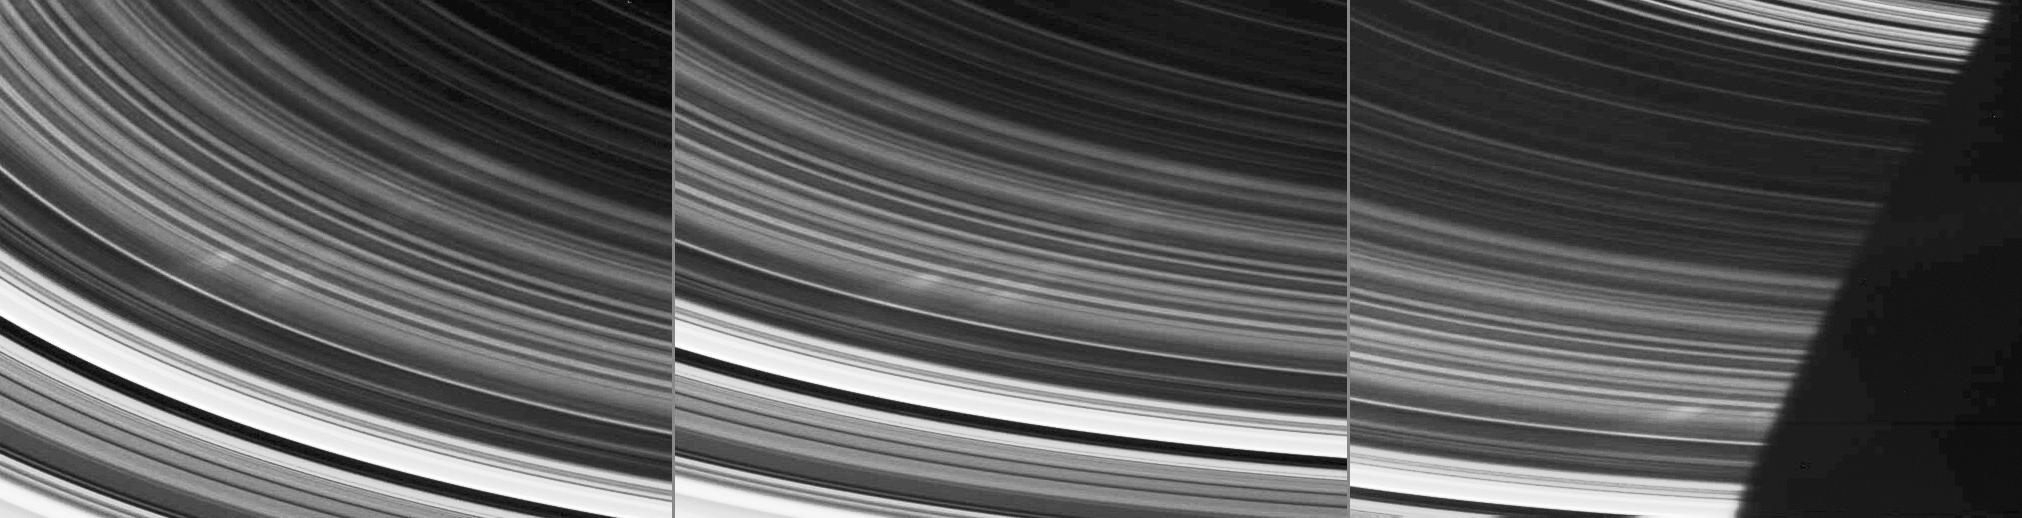 Pierścienie Saturna - nietypowe struktury